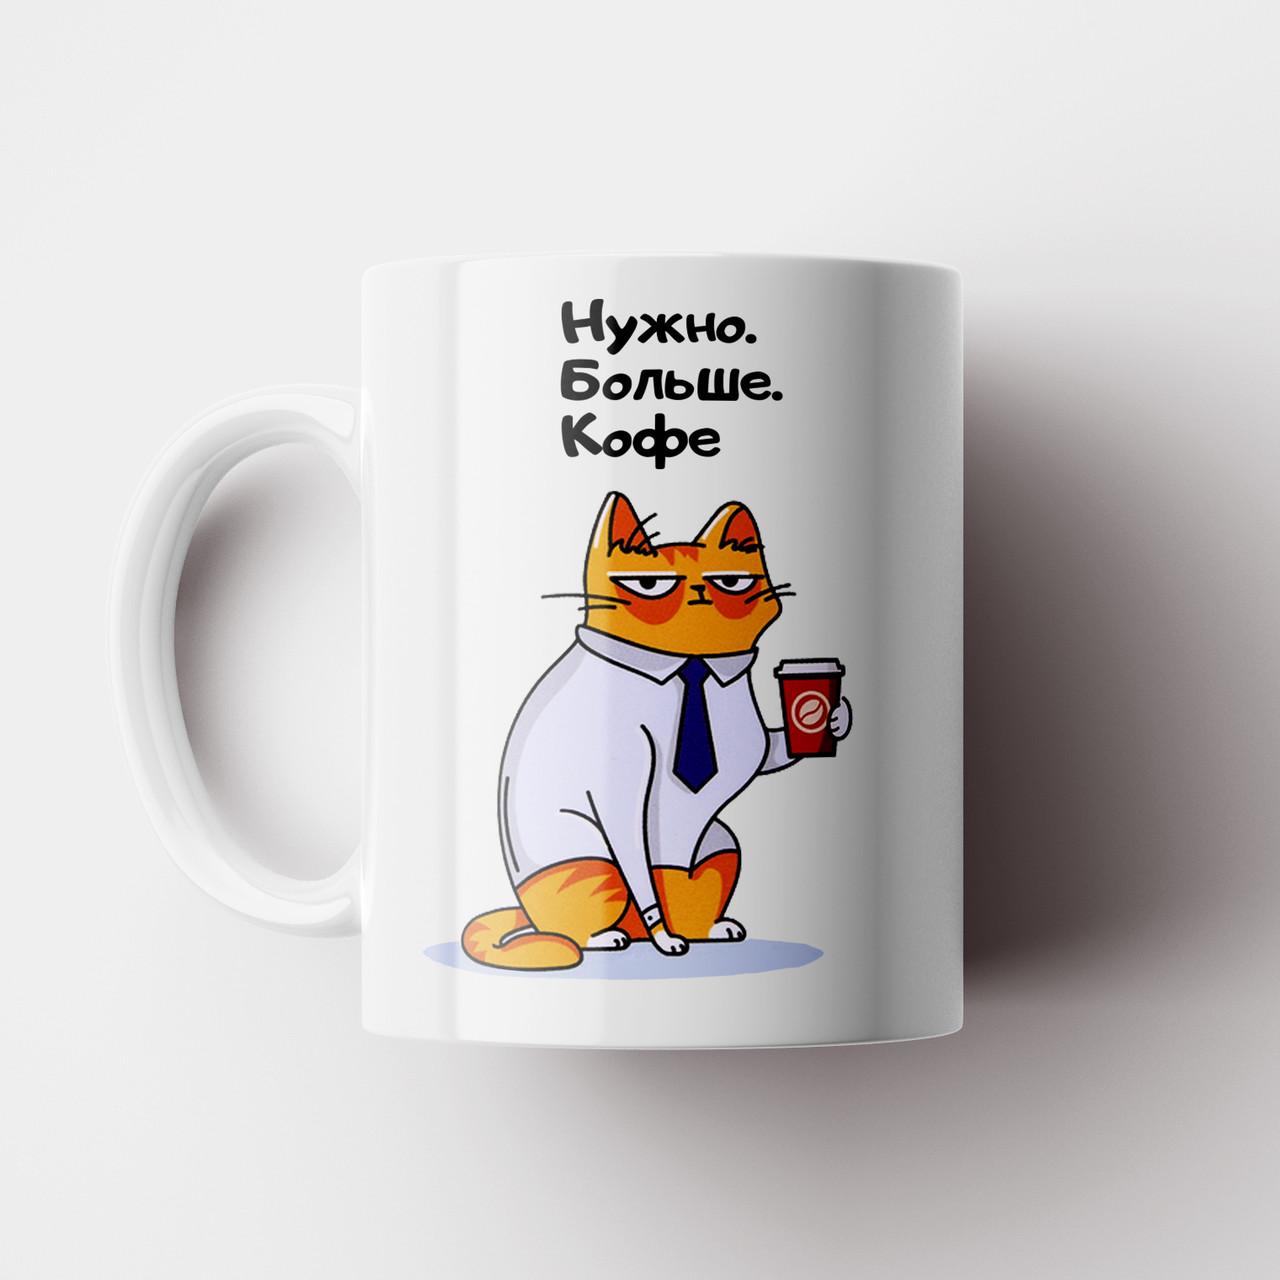 """Чашка с принтом Кот с кофе. Кружка с принтом """"Нужно больше кофе"""". Чашка с фото"""